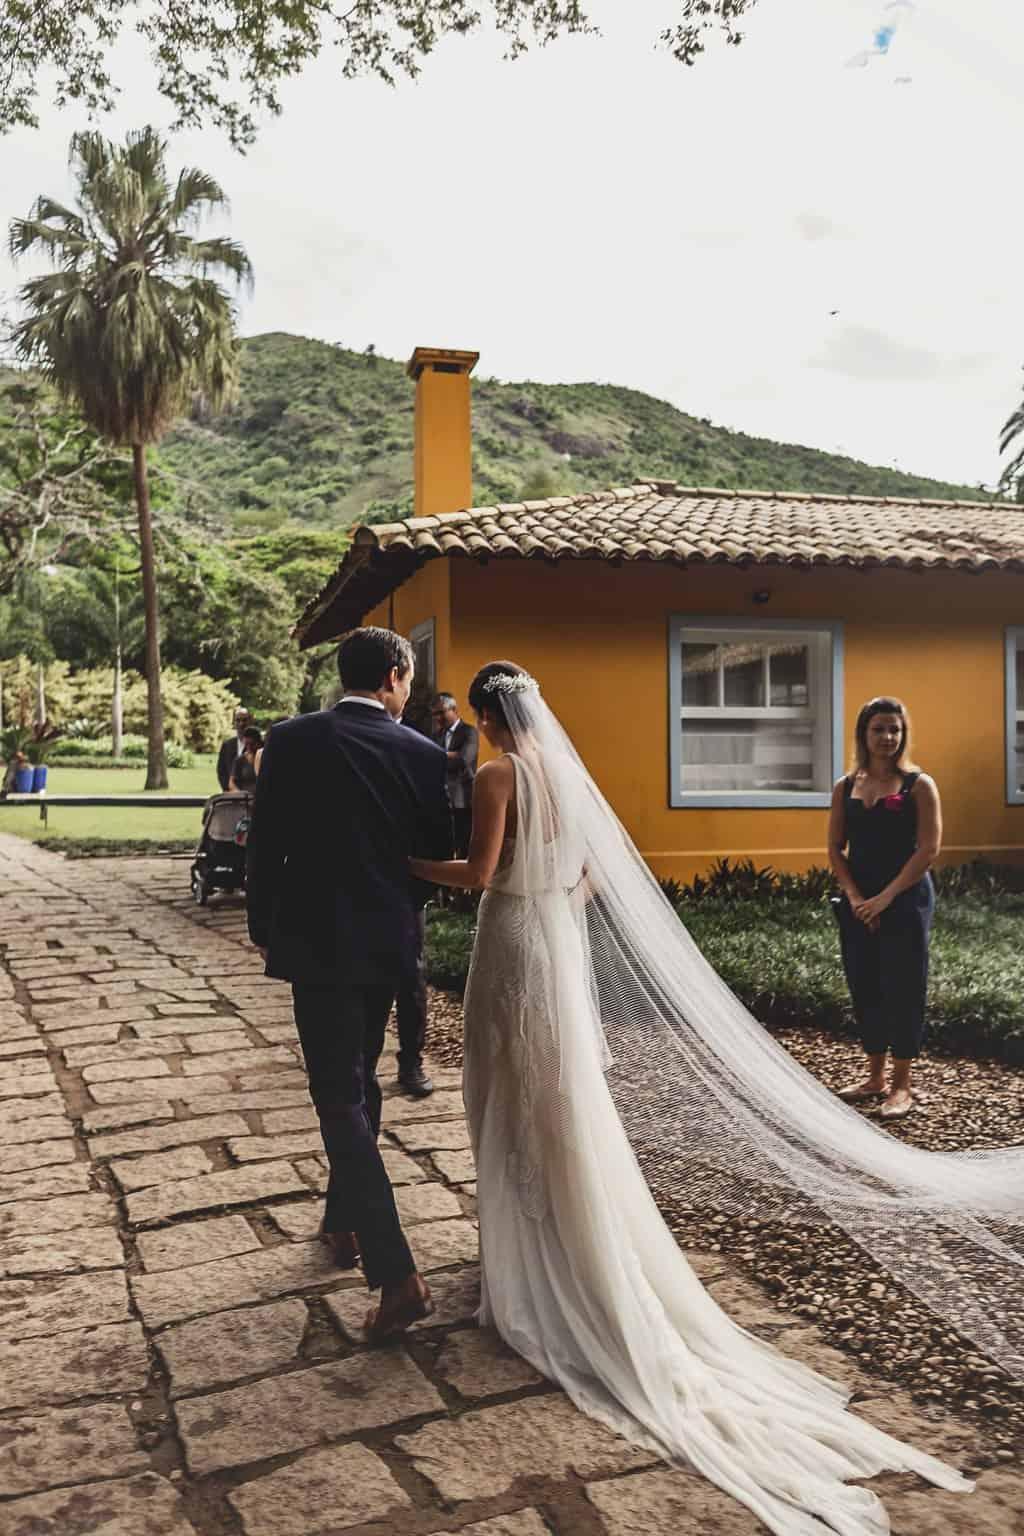 casamento-Ana-Cecilia-e-Leonardo-casamento-na-serra-graviola-filmes-graviolafilmes-laura-camapnella-de-siervi-lauracampanella-saida-dos-noivos-studio-laura-camapnella38